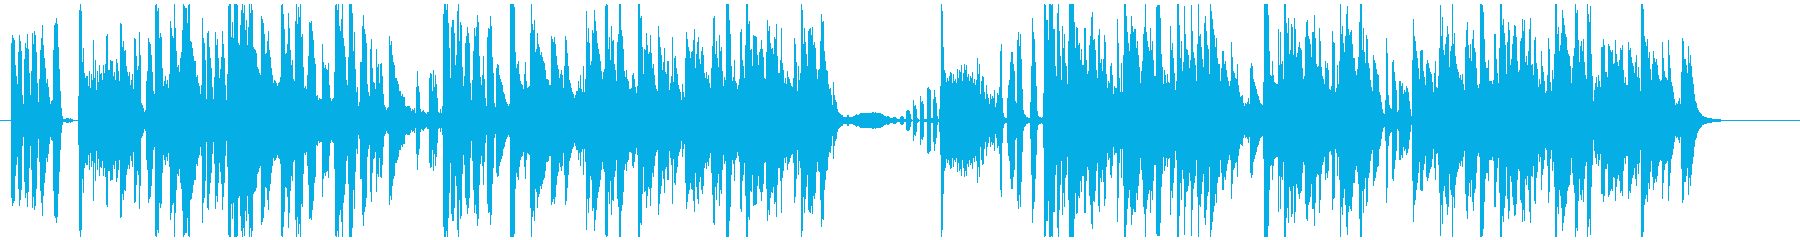 ラテンとヒップホップのフレアとこの...の再生済みの波形